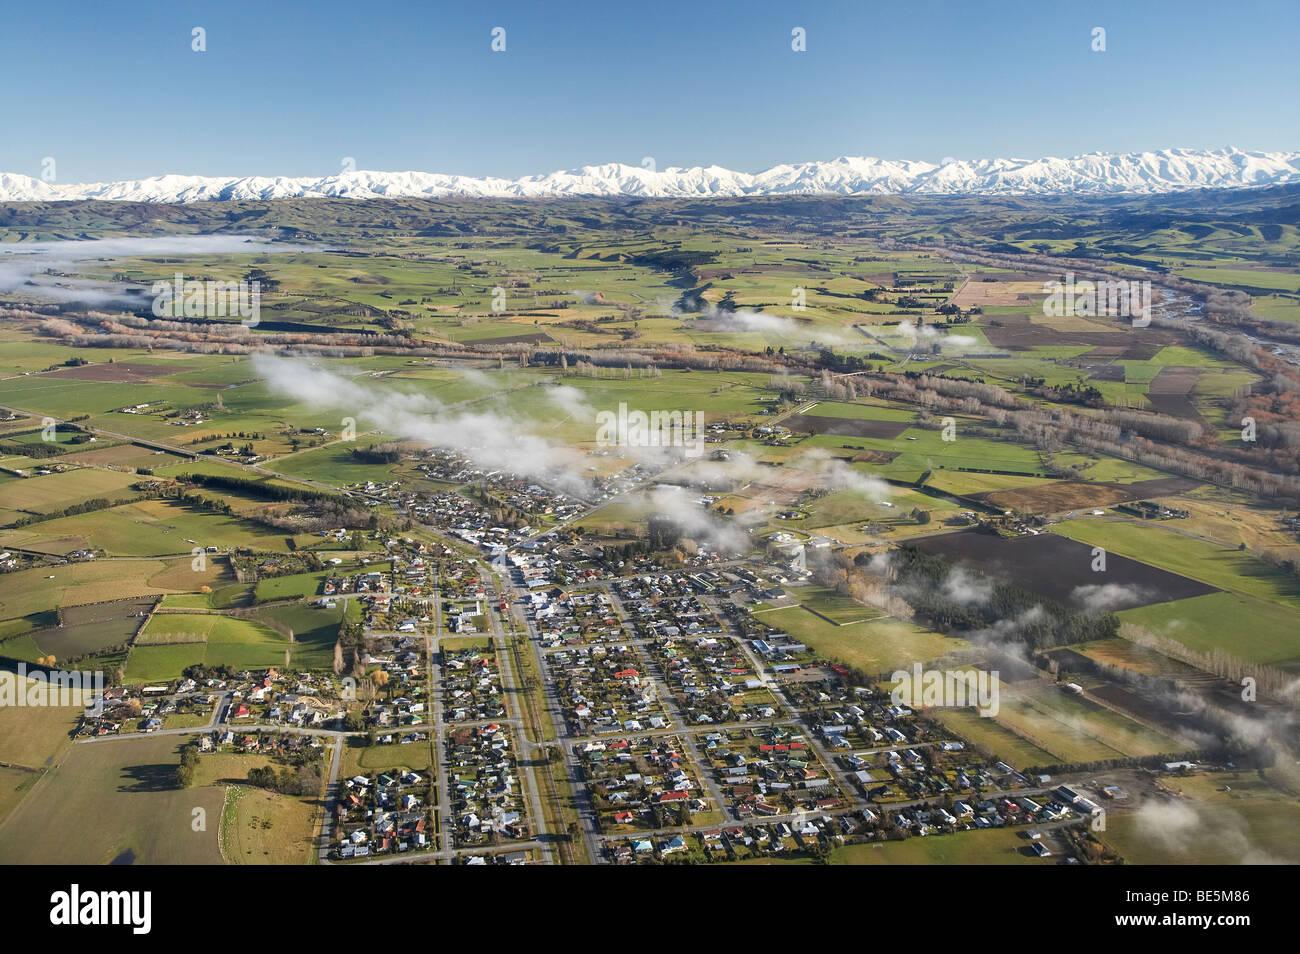 Point agréable et la brume, South Canterbury, île du Sud, Nouvelle-Zélande - vue aérienne Photo Stock